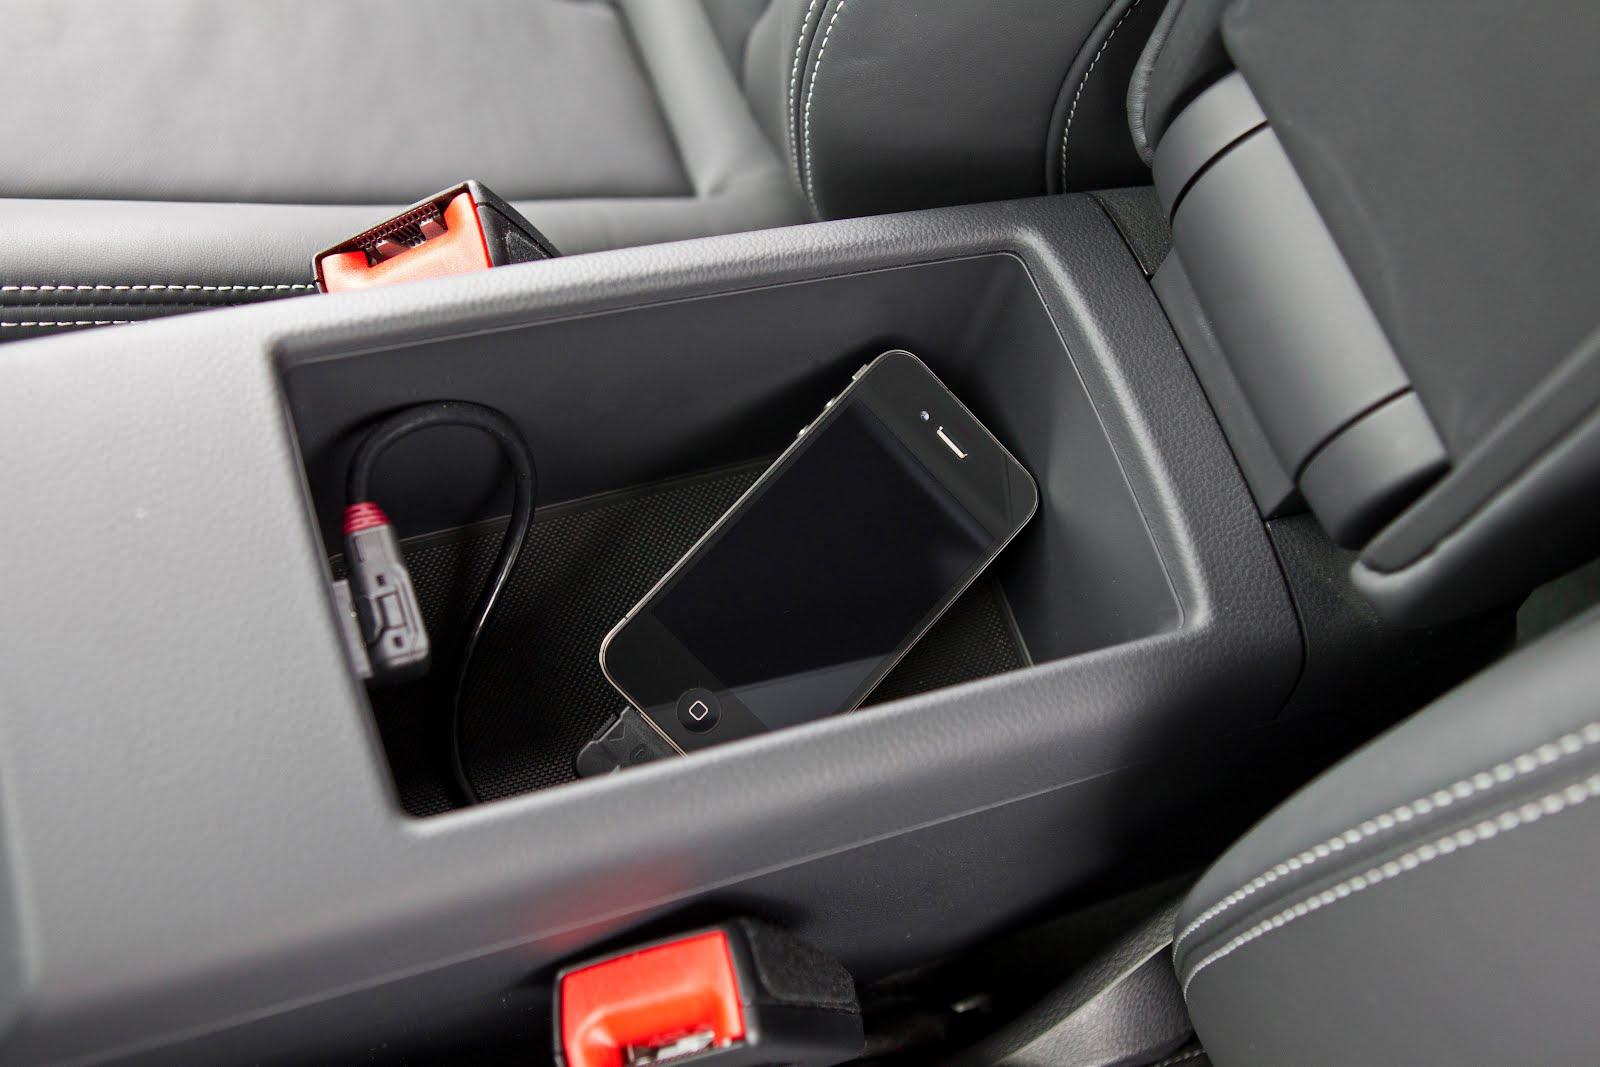 voiture communicante une phone box dans l 39 audi a3. Black Bedroom Furniture Sets. Home Design Ideas